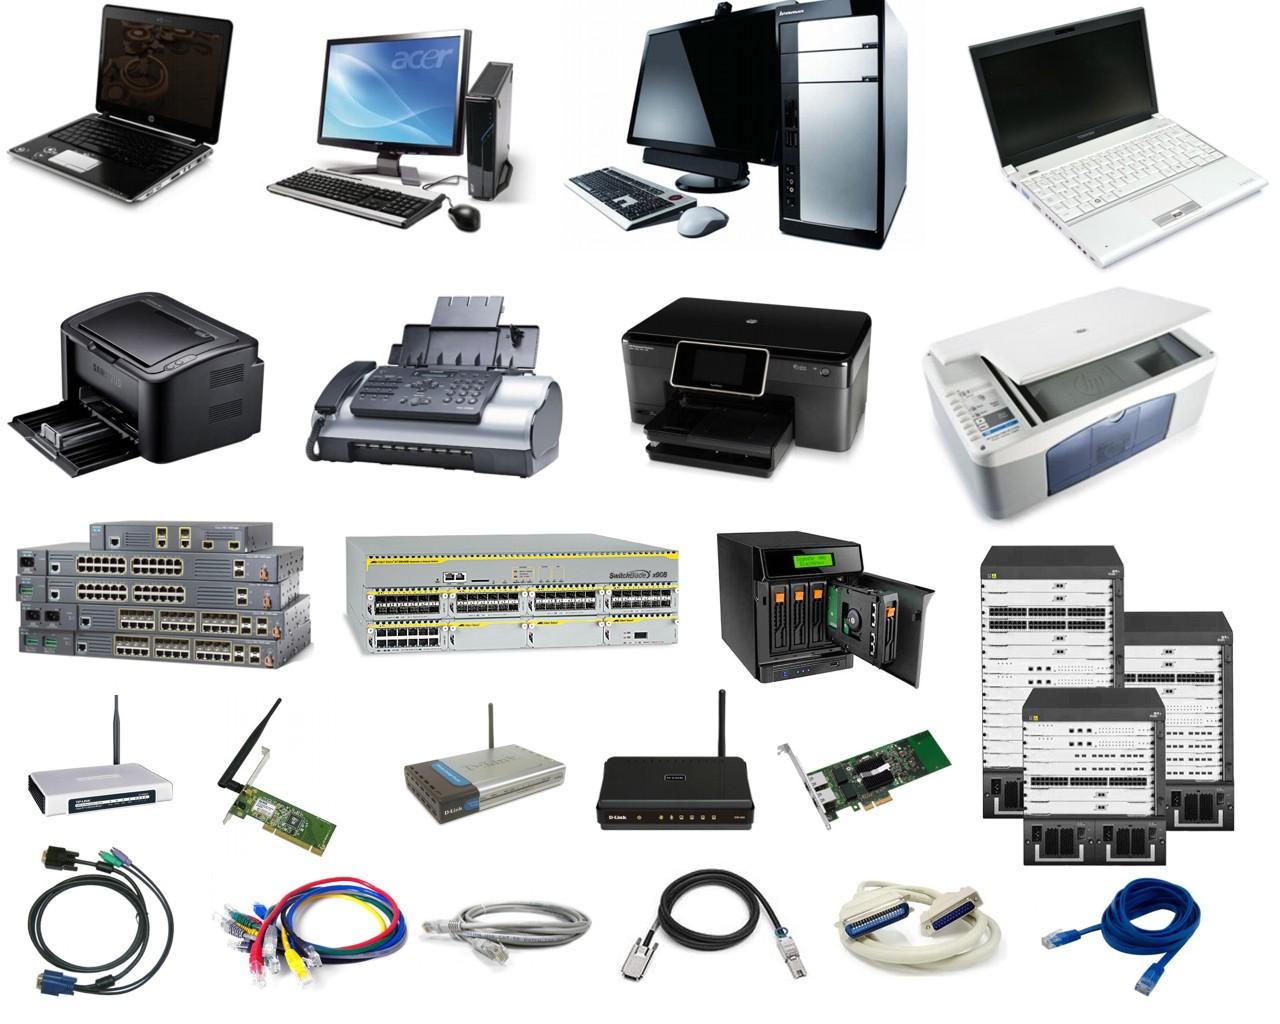 Поставка и обслуживание офисной оргтехники: критерии выбора компании-исполнителя